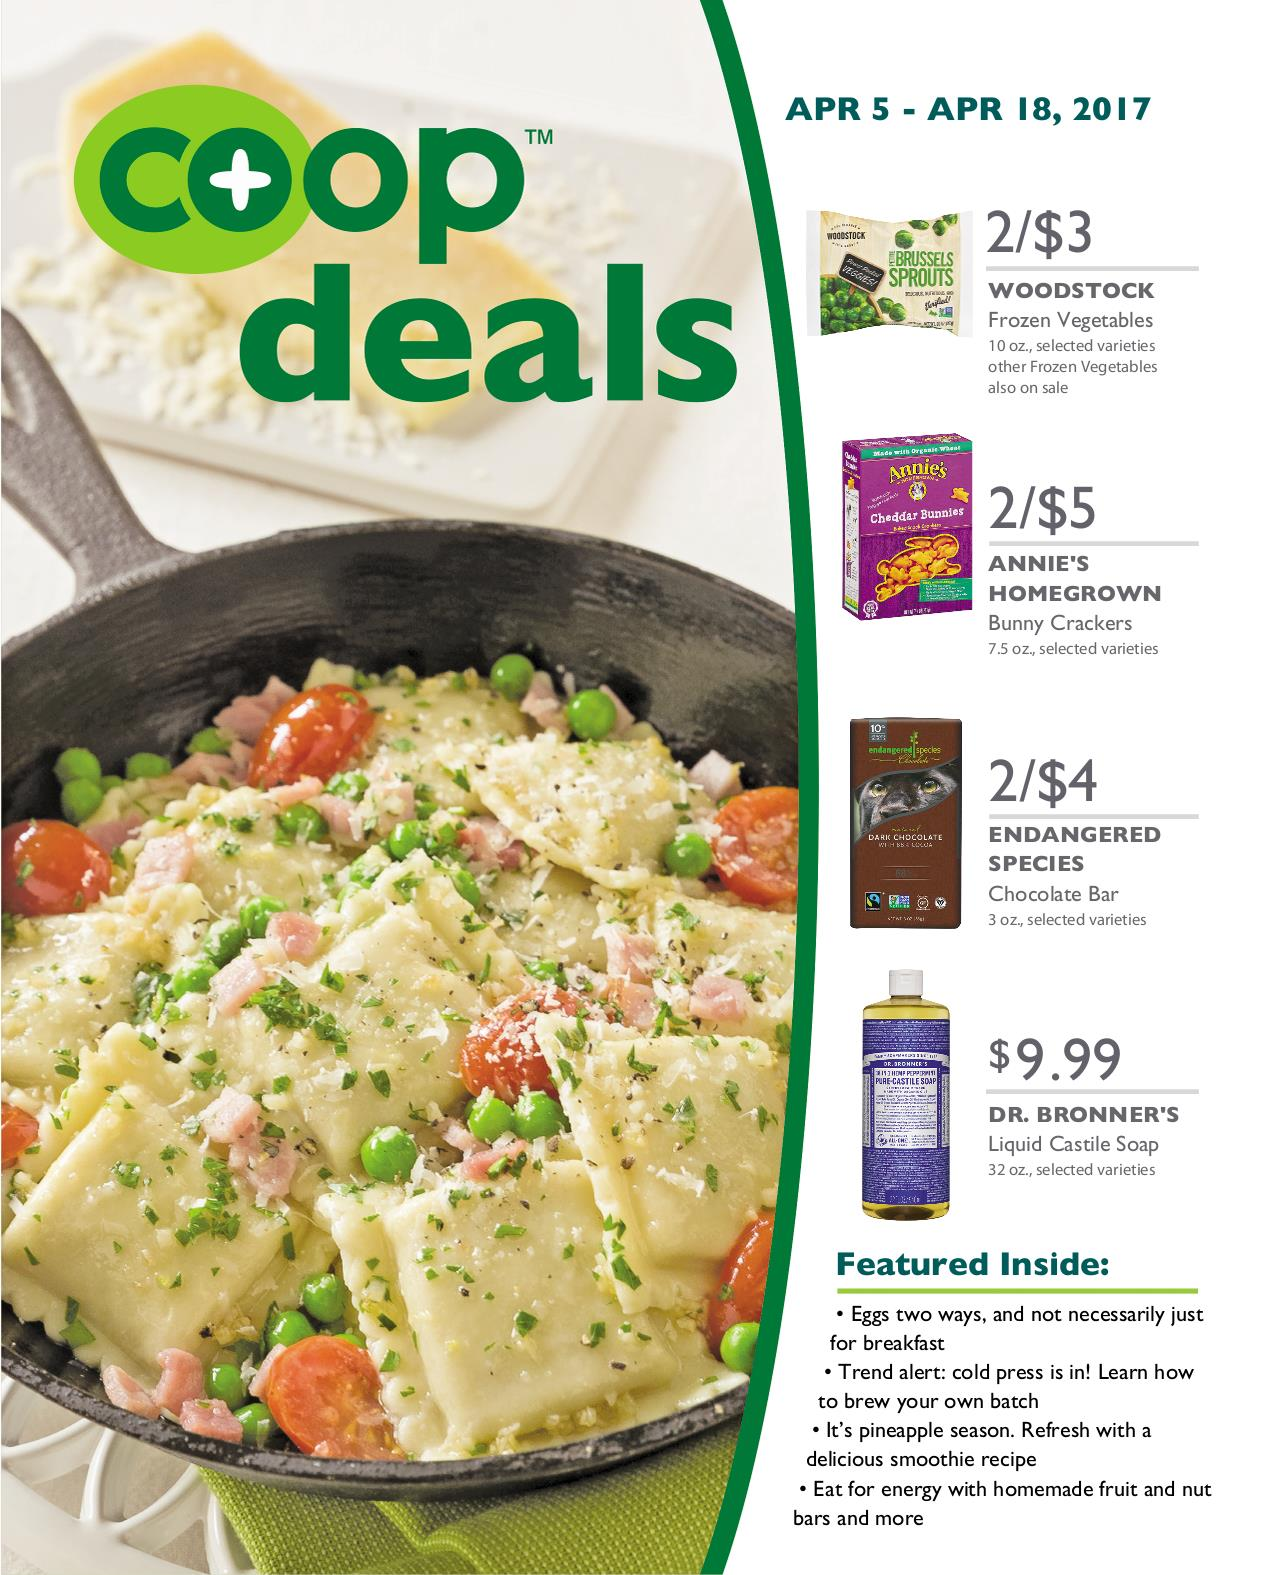 Co+op Deals Apr 2017 Flyer A